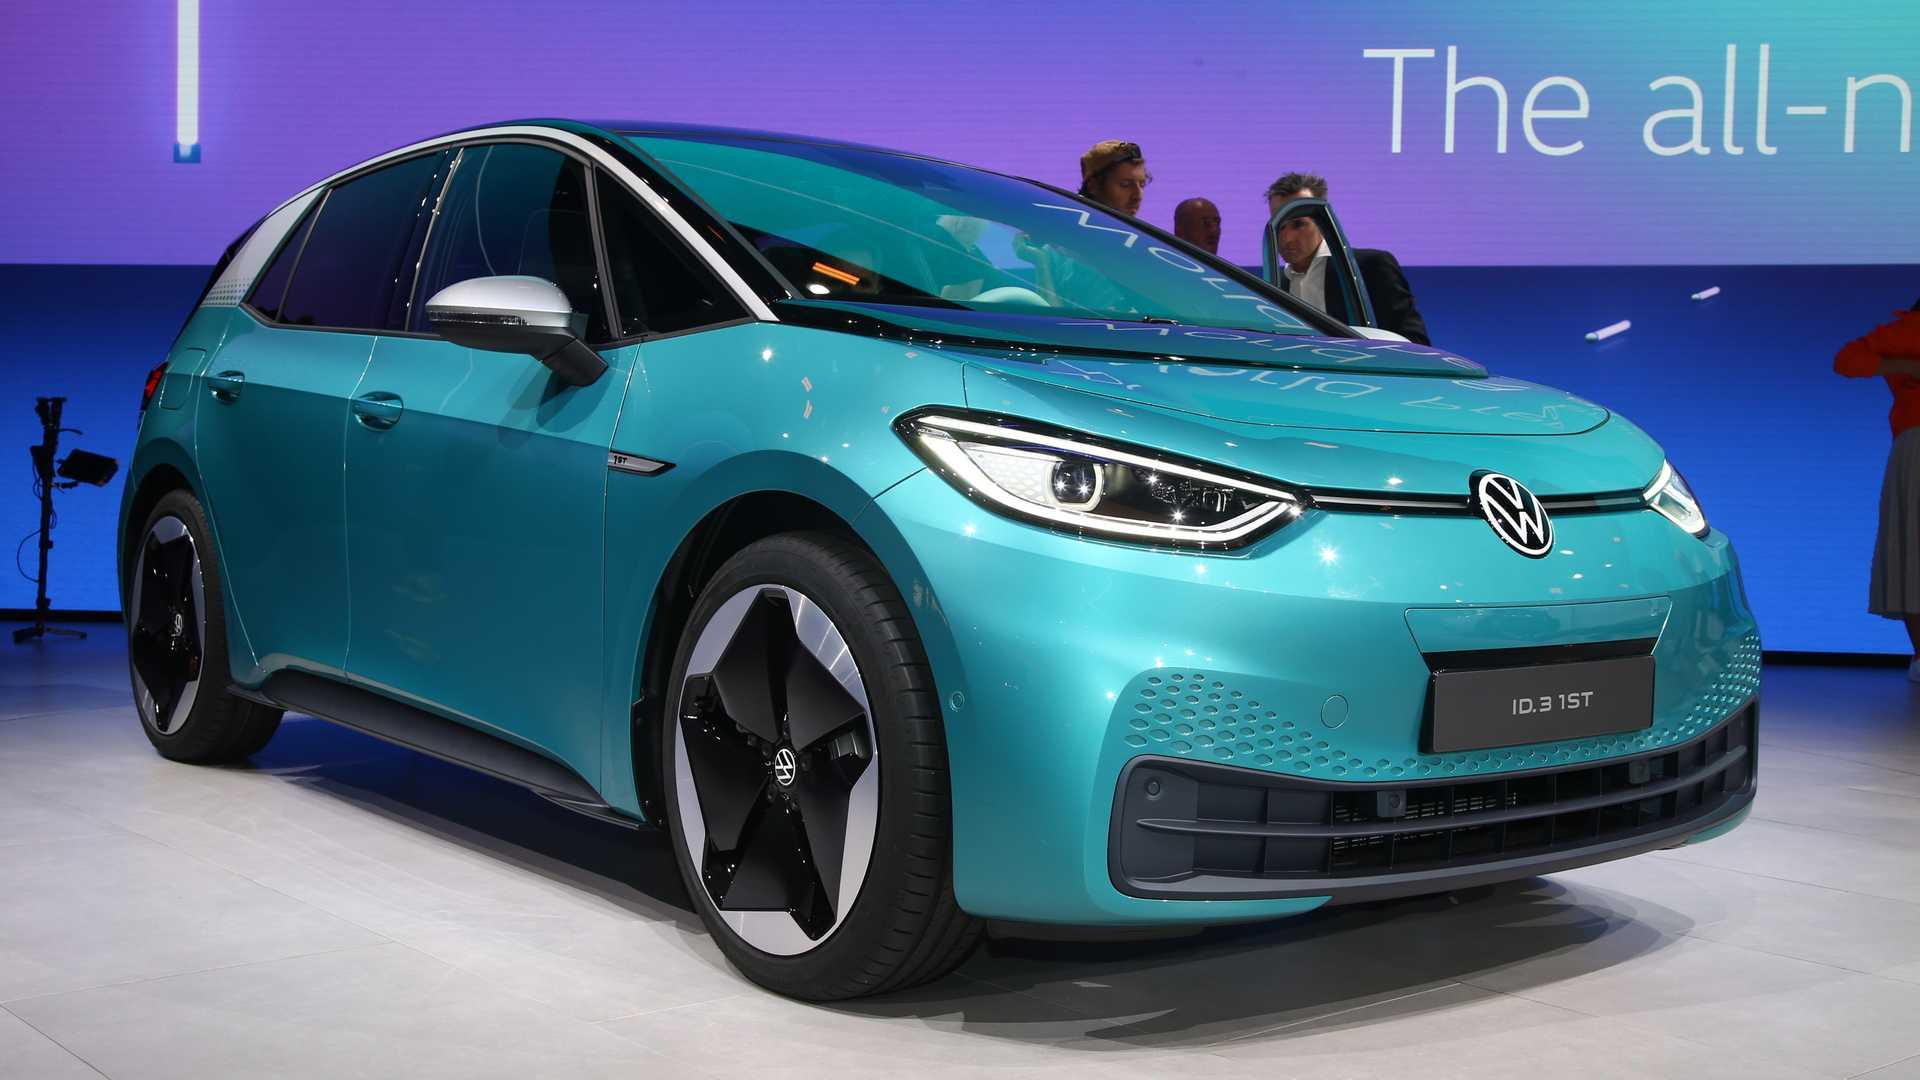 Xe điện Volkswagen ID.3 chính thức ra mắt - 14